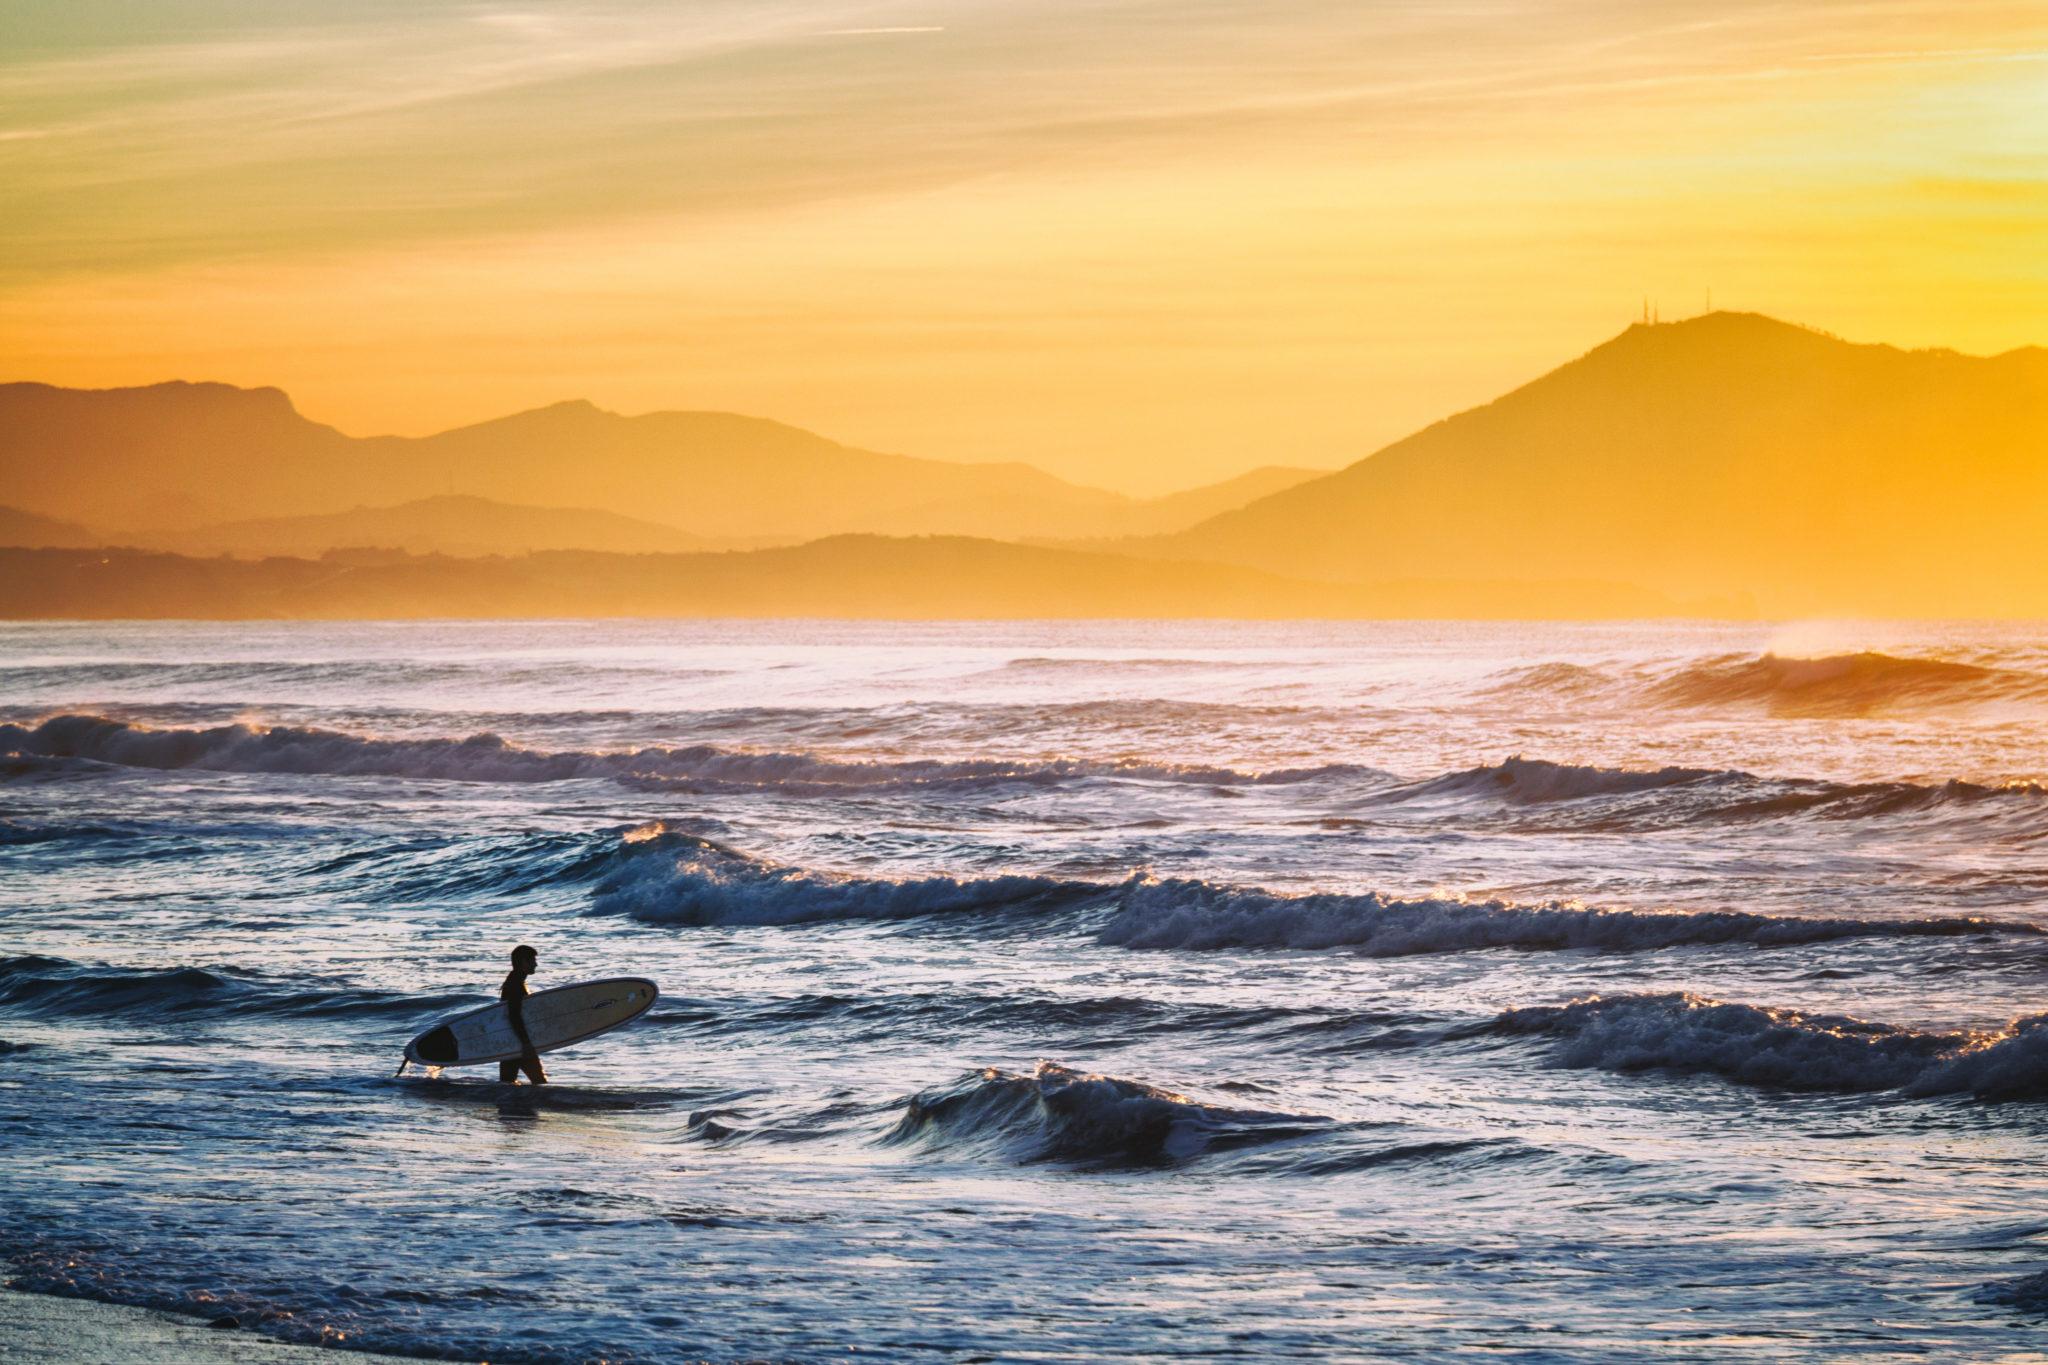 Französische Atlantikküste im August - Surferparadies